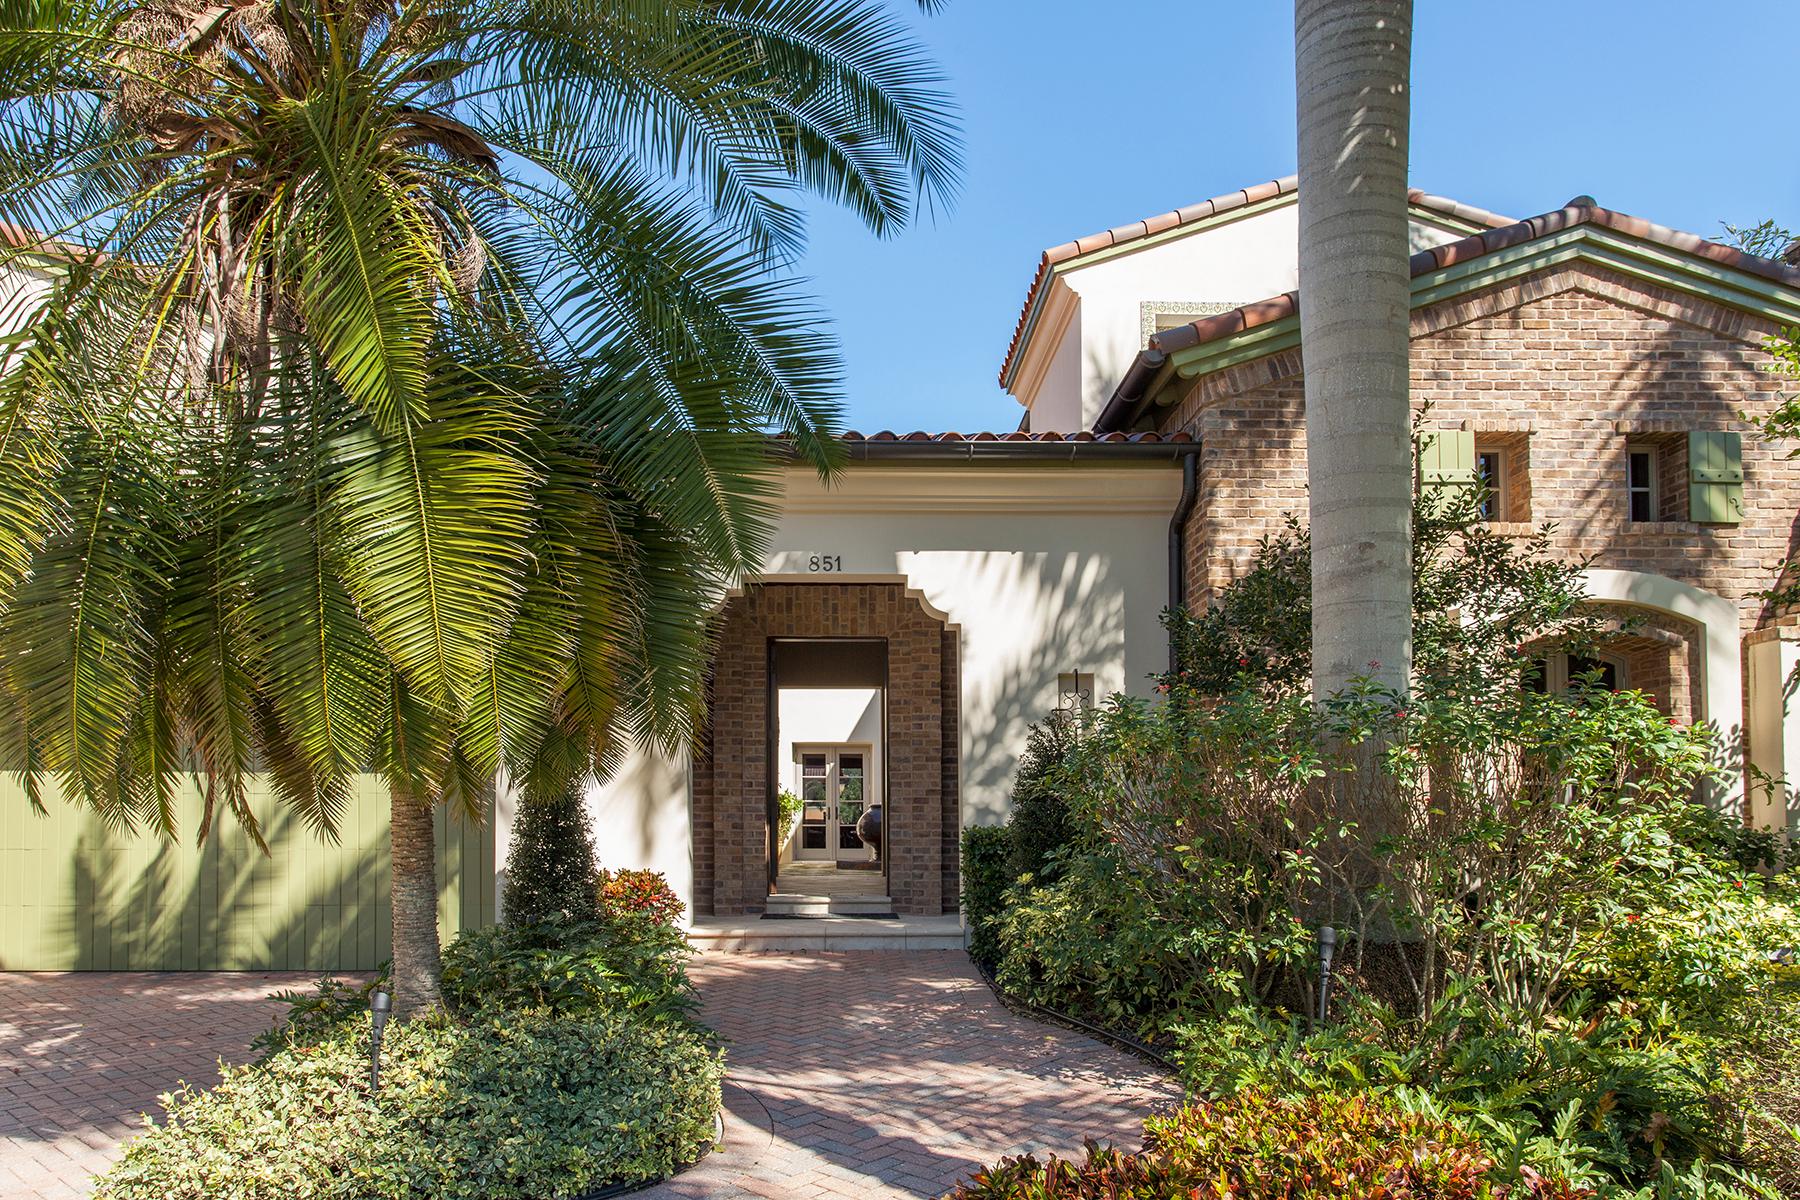 獨棟家庭住宅 為 出售 在 ST PETERSBURG 851 Brightwaters Blvd NE Snell Isle, St. Petersburg, 佛羅里達州, 33704 美國